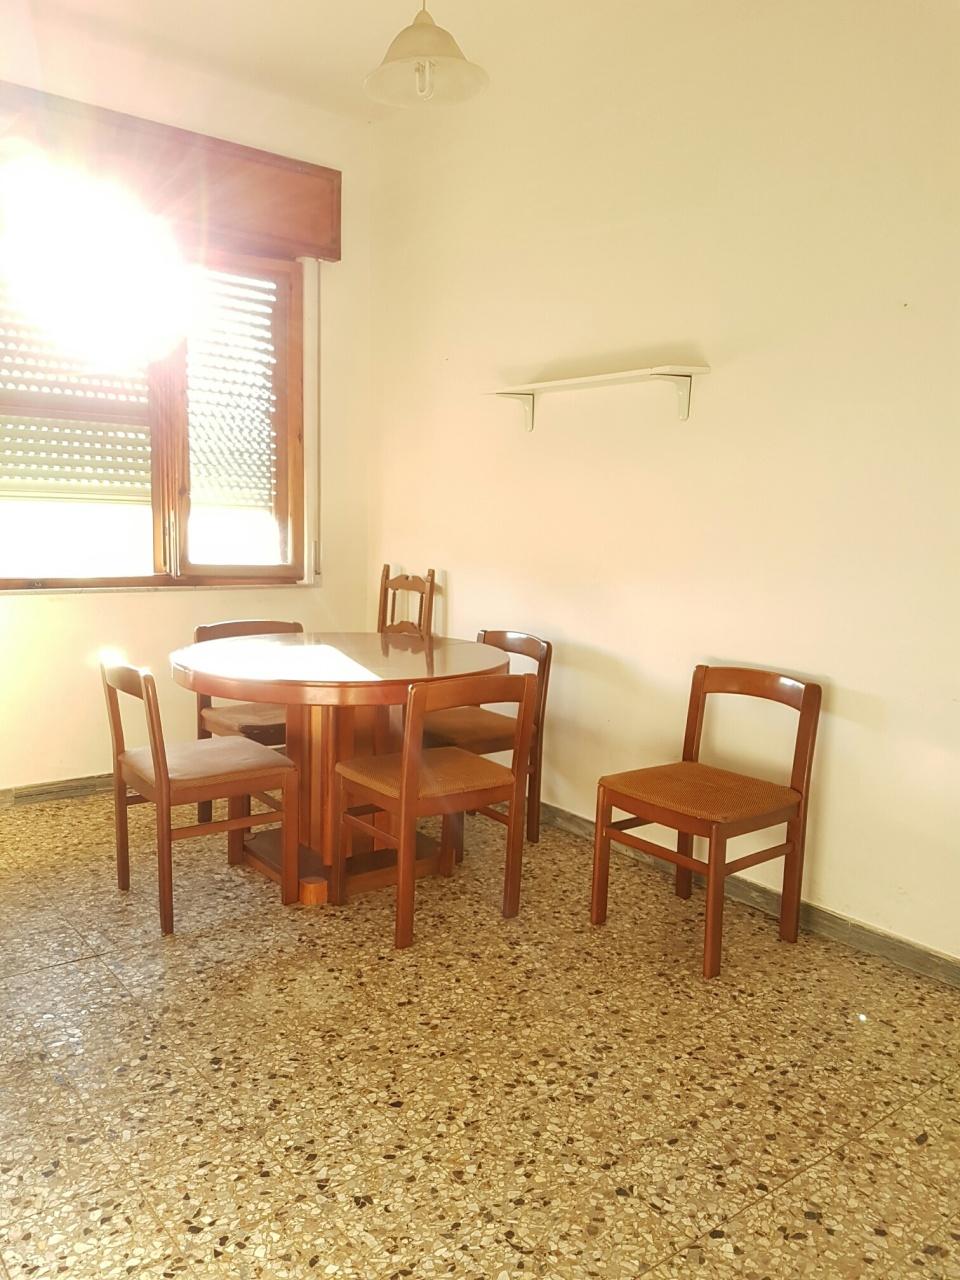 Villa in vendita a Cascina, 4 locali, prezzo € 160.000 | Cambio Casa.it